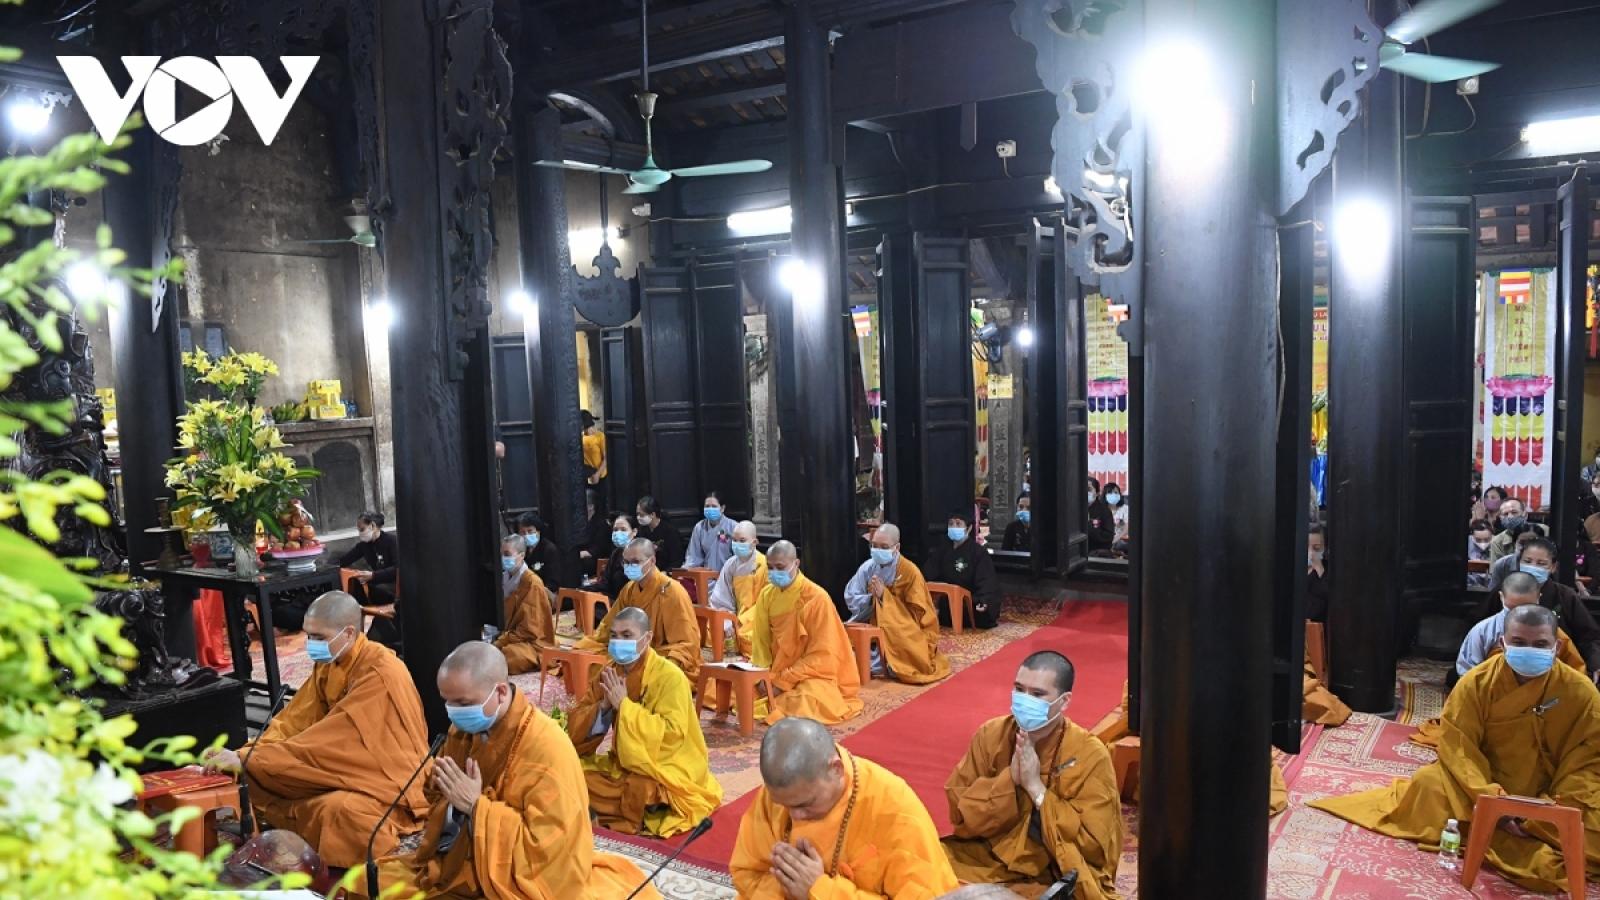 Lễ chùa, cầu an online - xu thế trong mùa dịch Covid-19